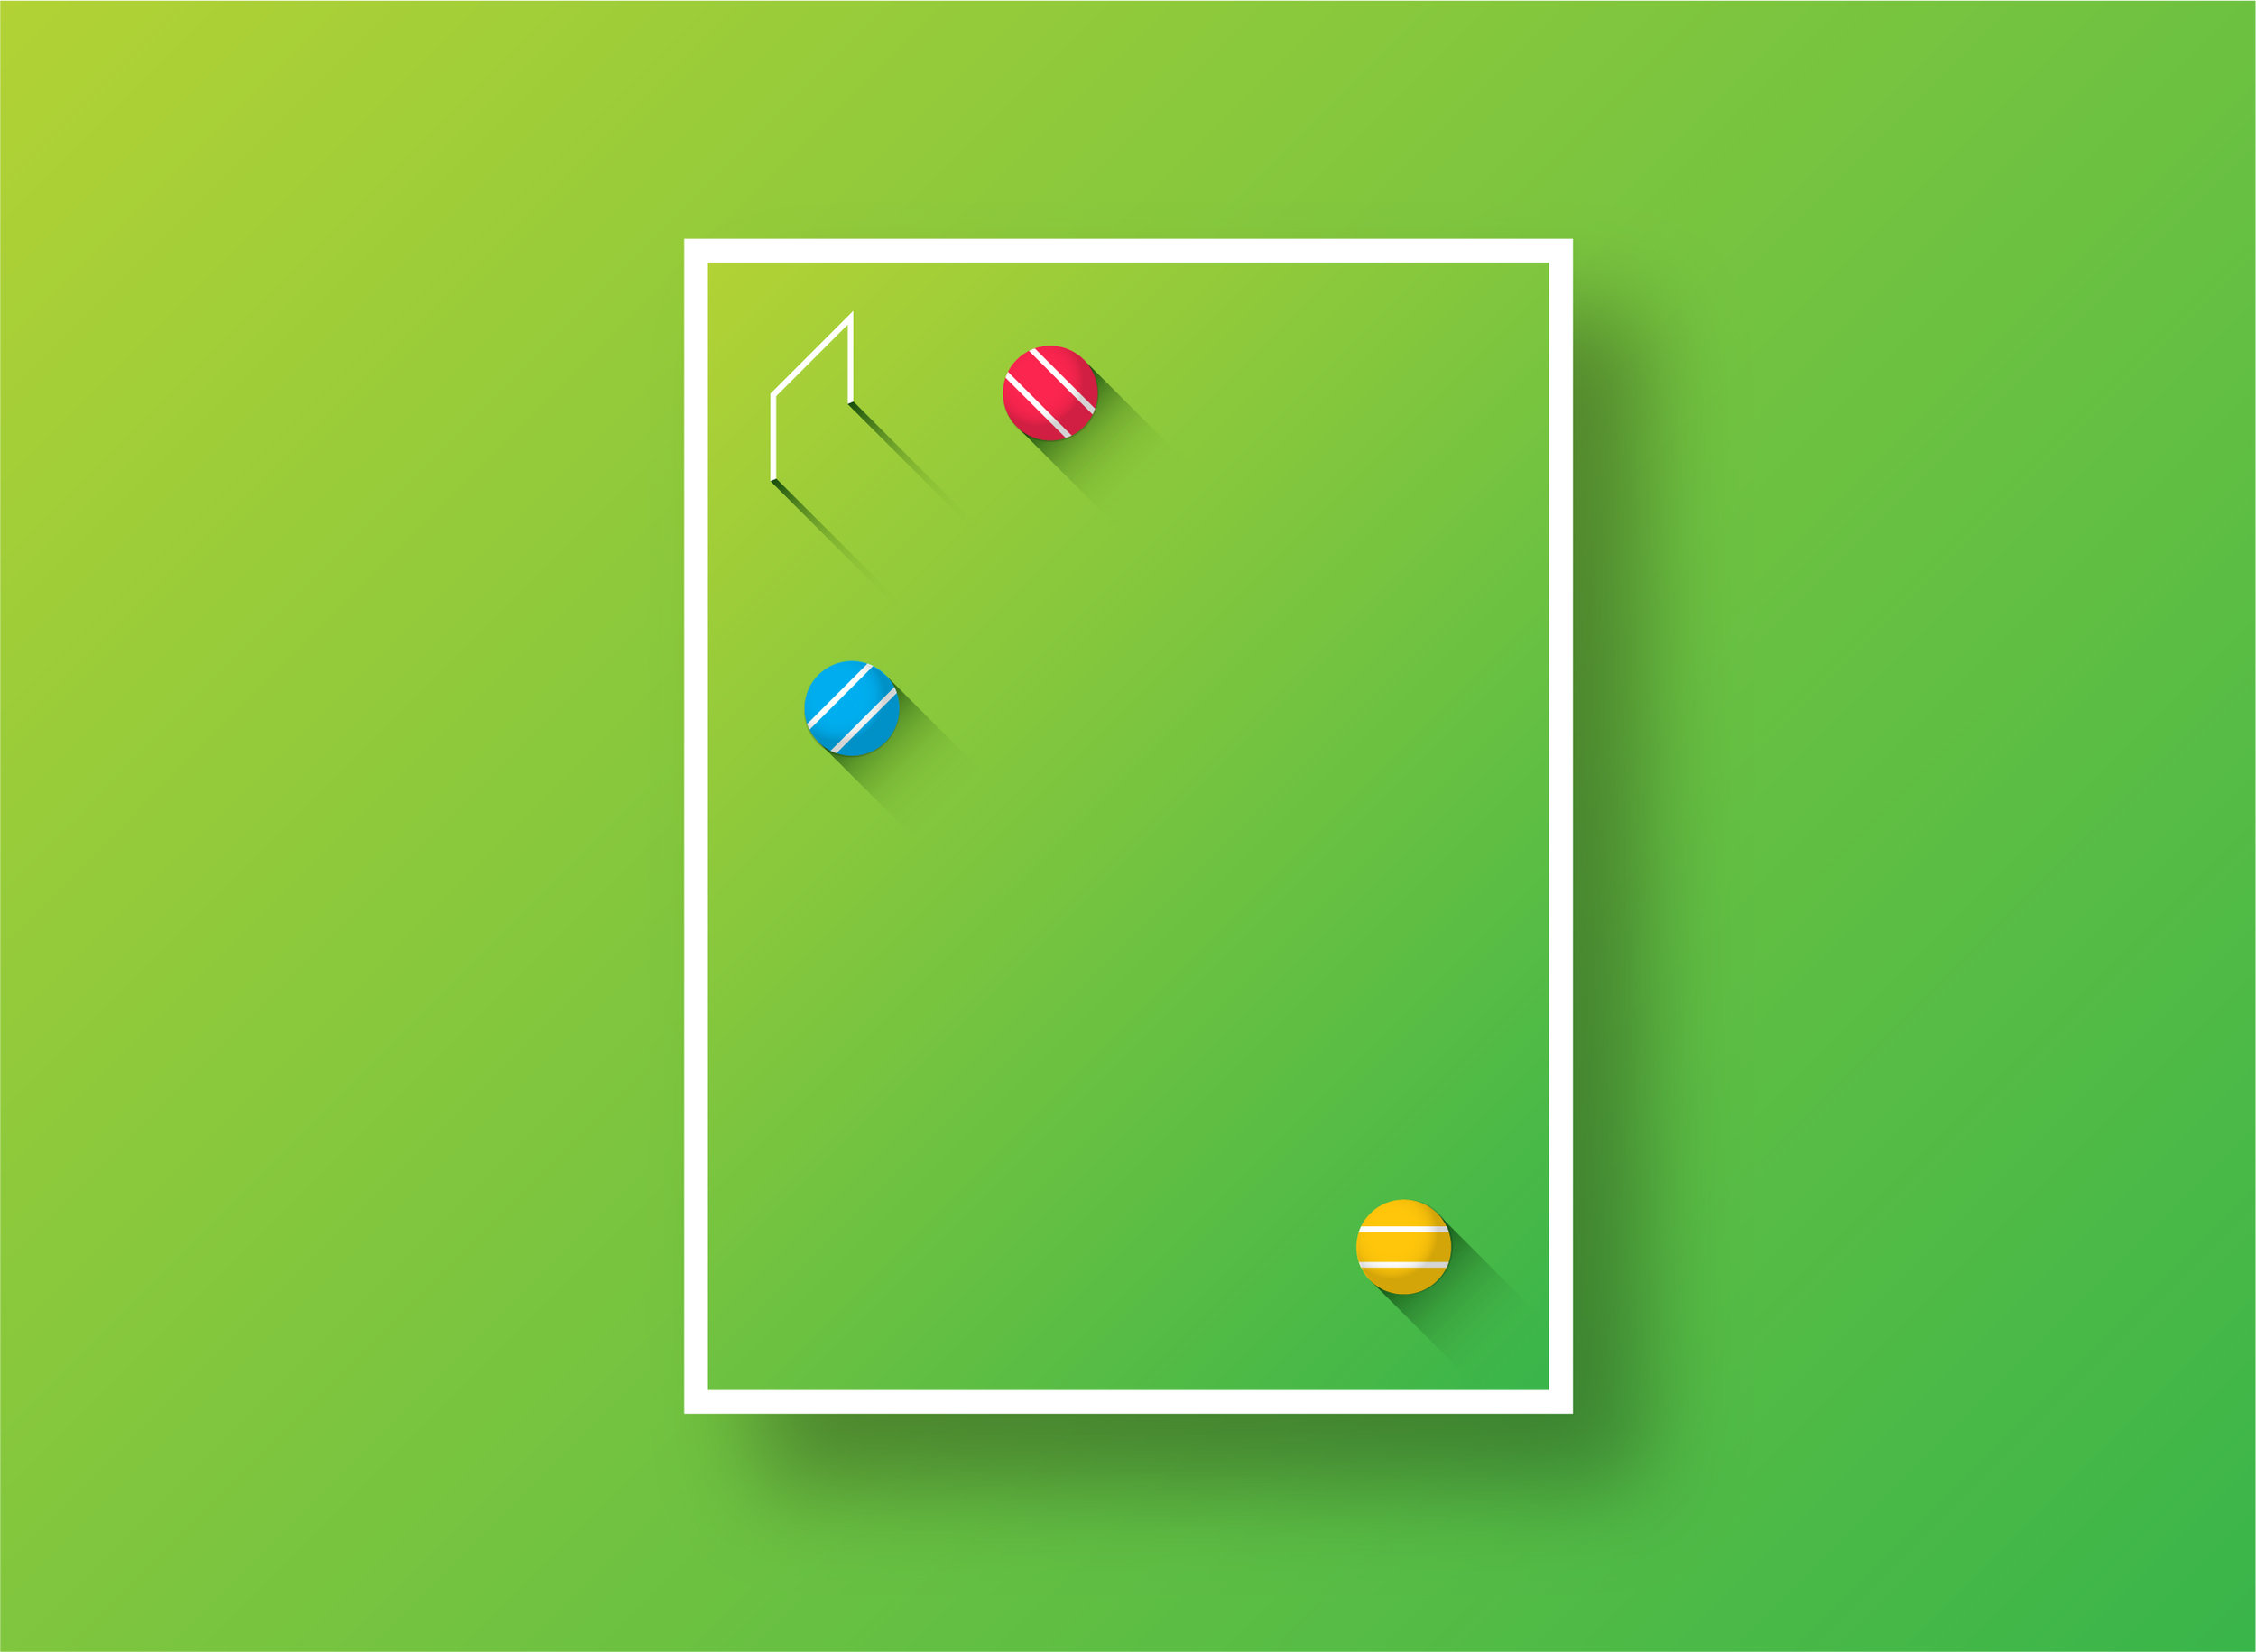 croquet-100.jpg